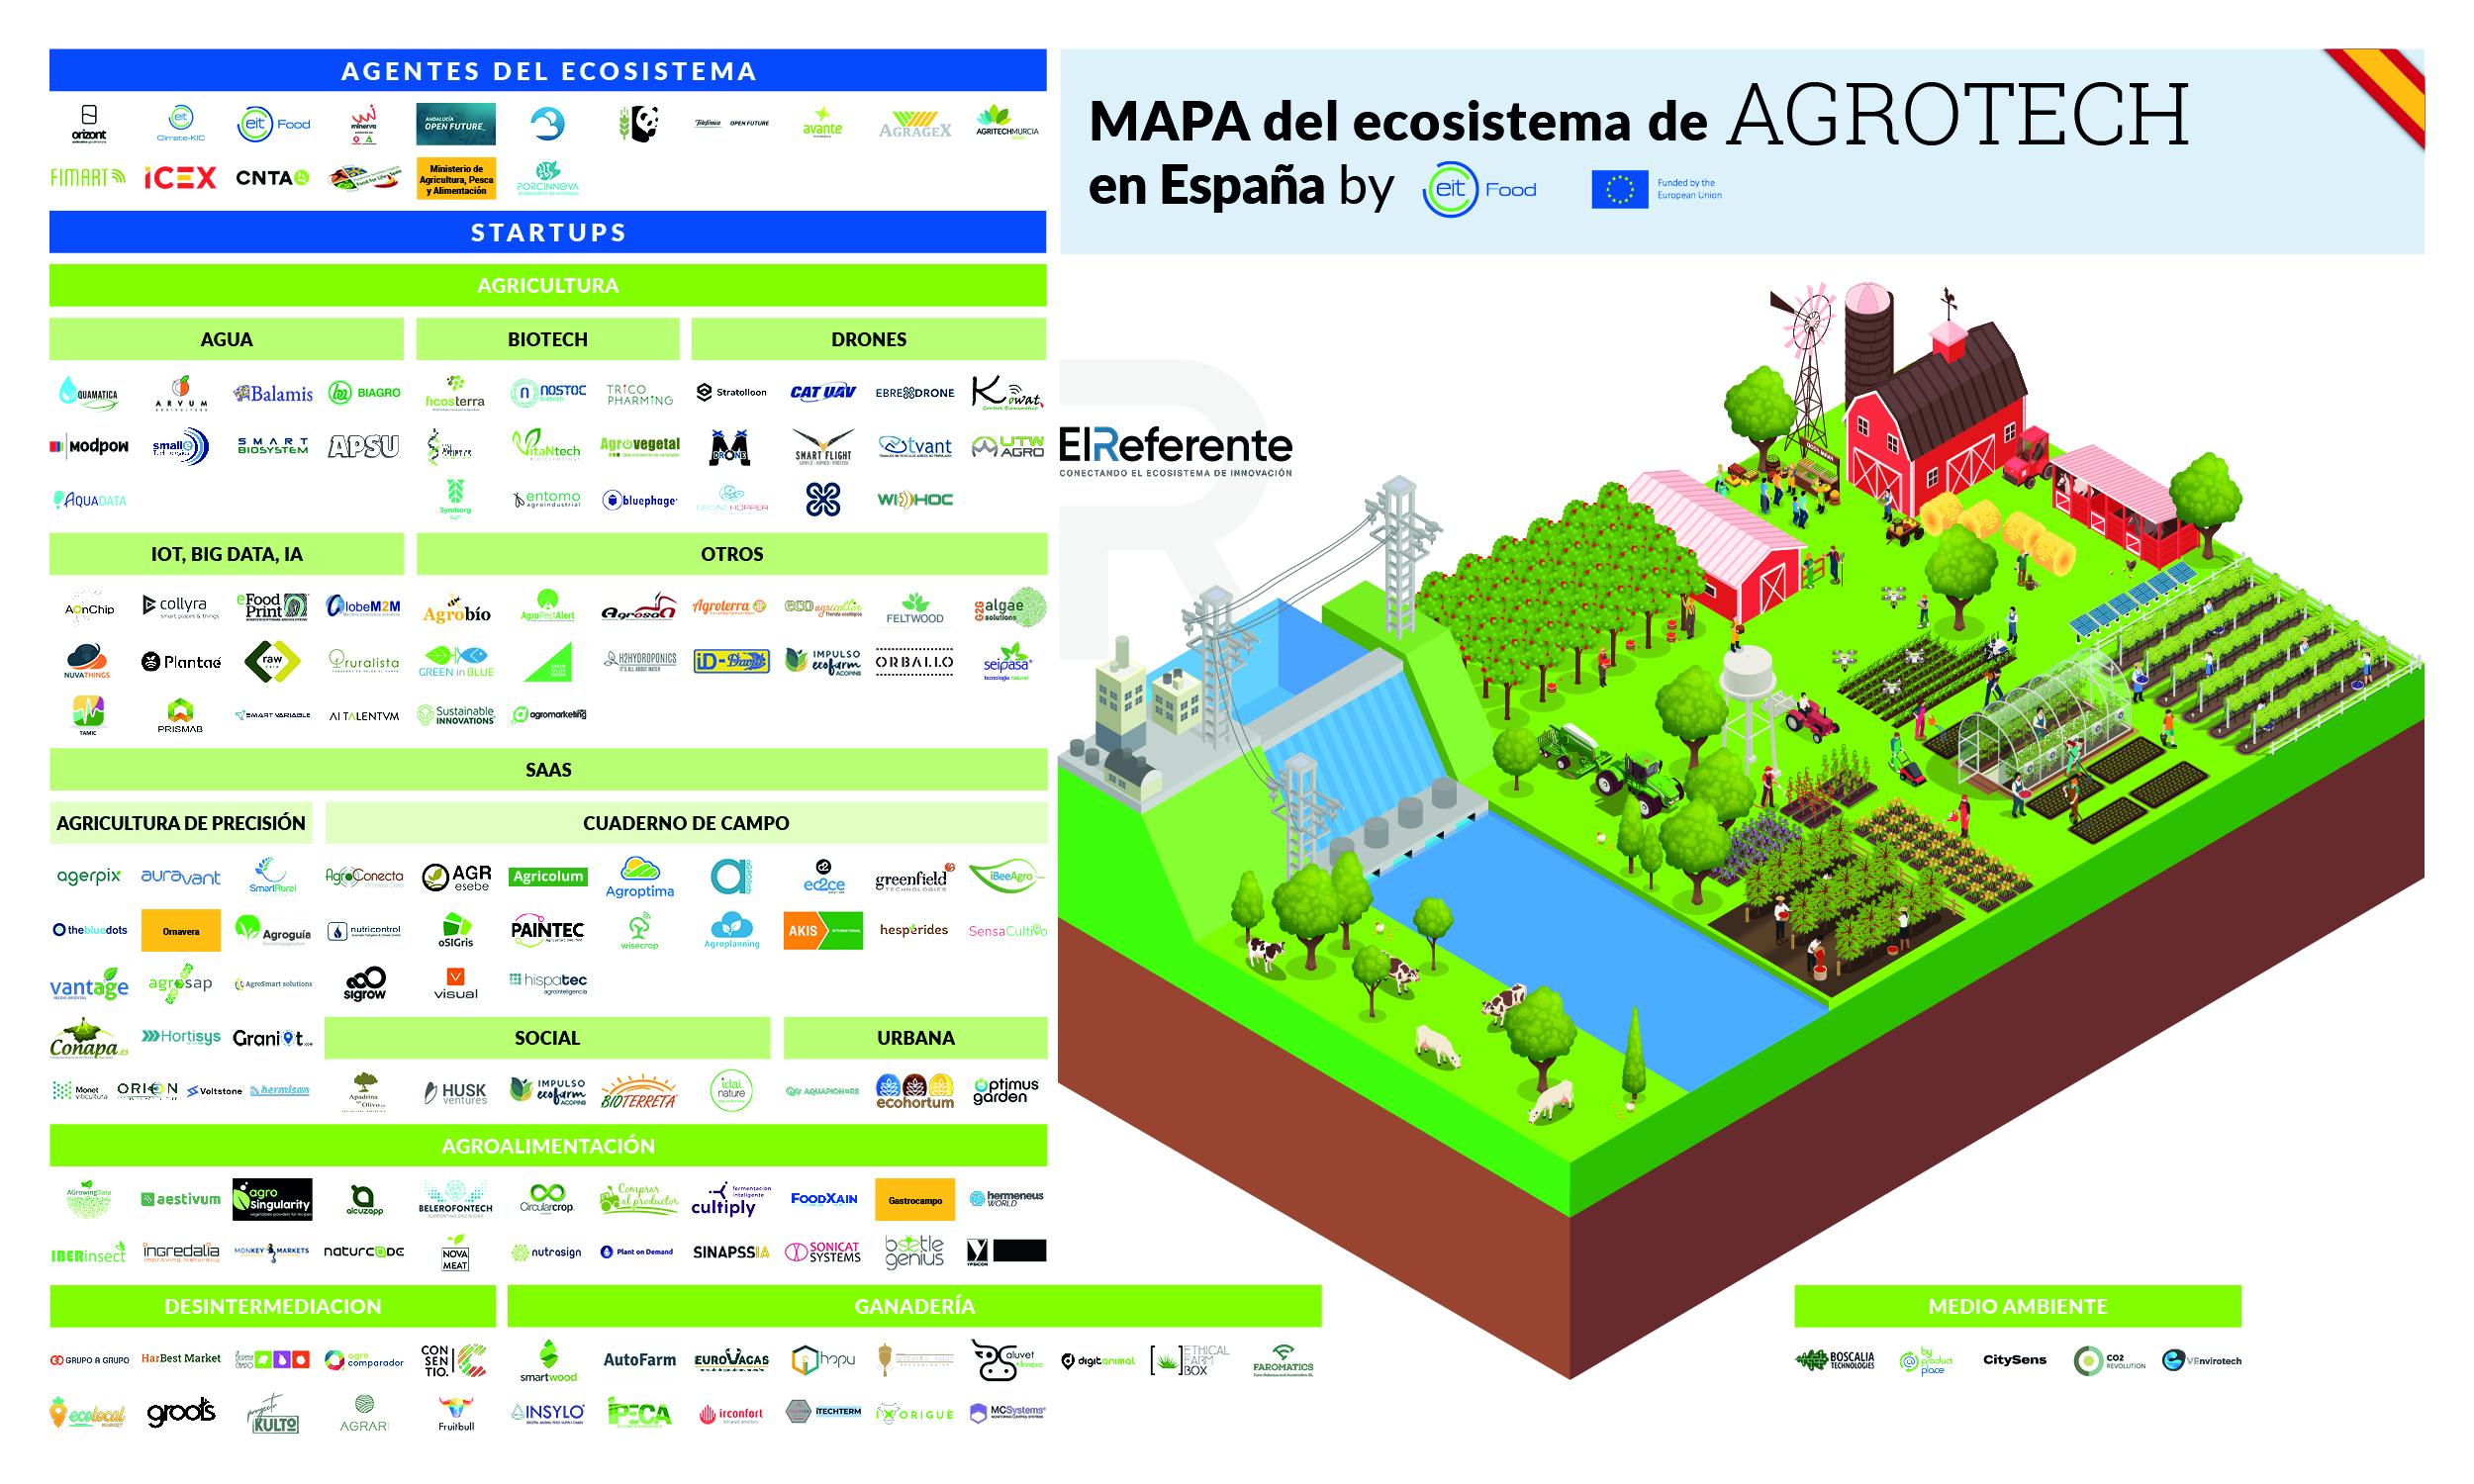 Mapa de El Referente y EIT Food del ecosistema Agrotech en España 2021.